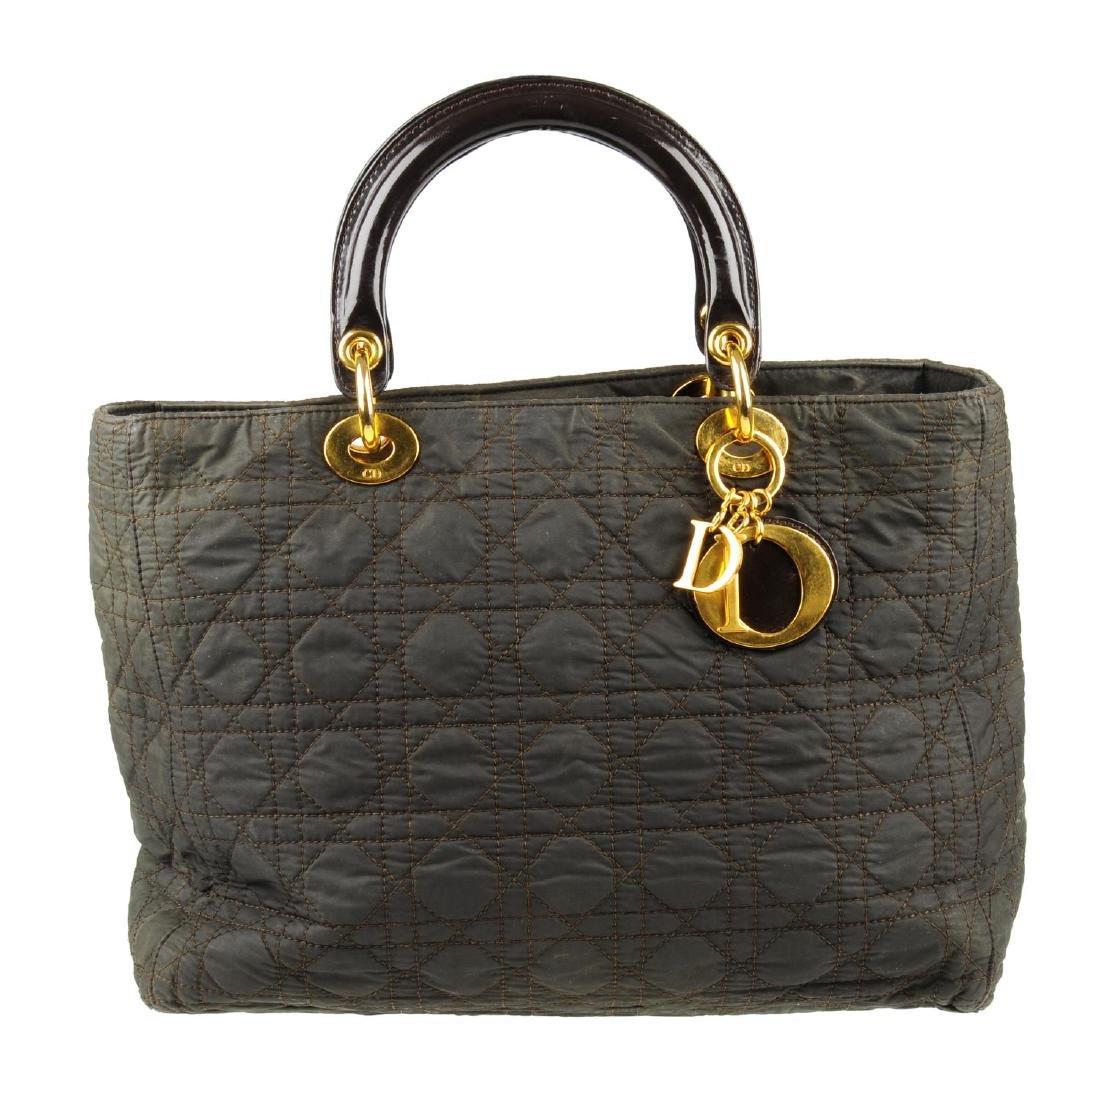 CHRISTIAN DIOR - a nylon Cannage Lady Dior handbag.